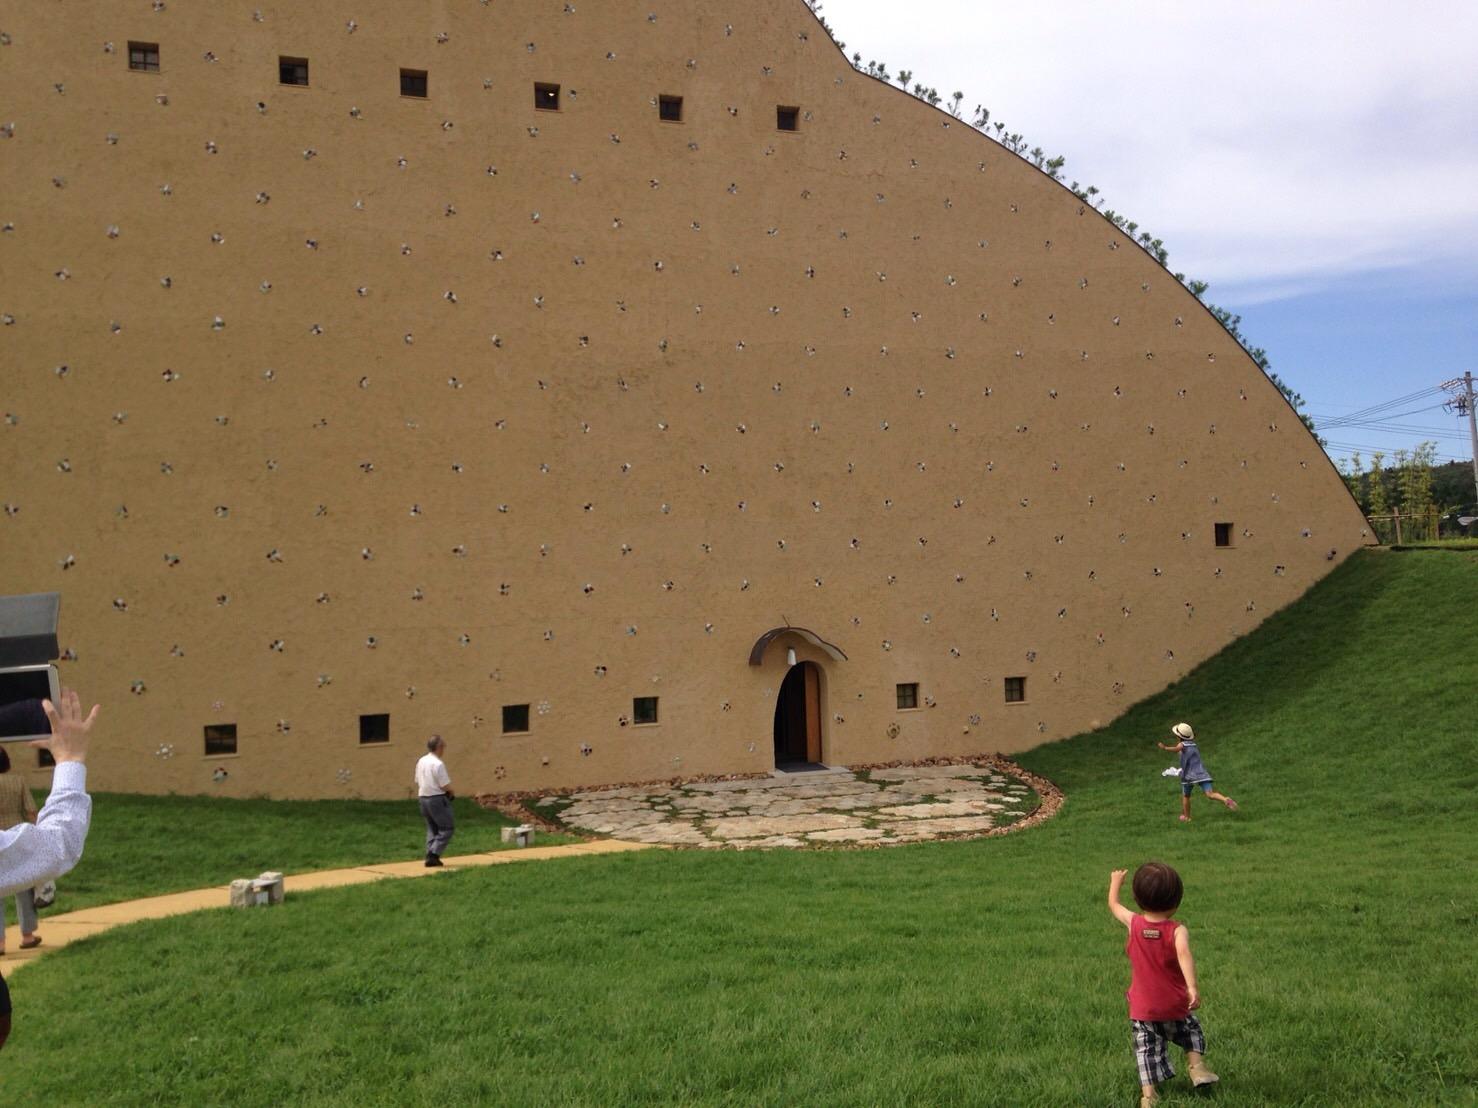 モザイクタイルミュージアムの見学に行ってきました